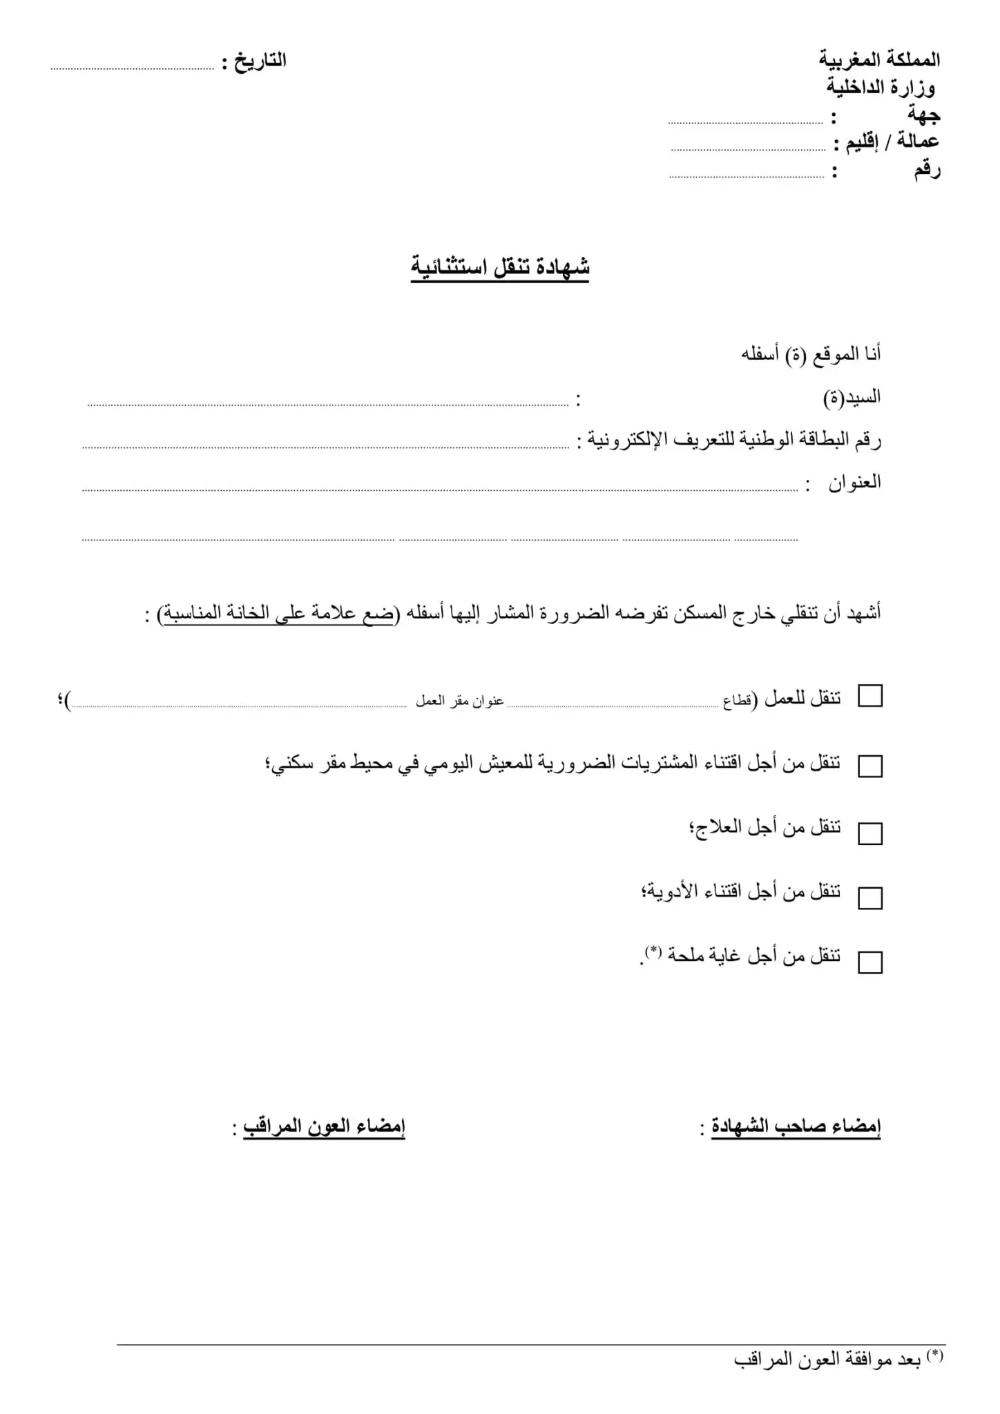 Attestation de déplacement dérogatoire officielle à